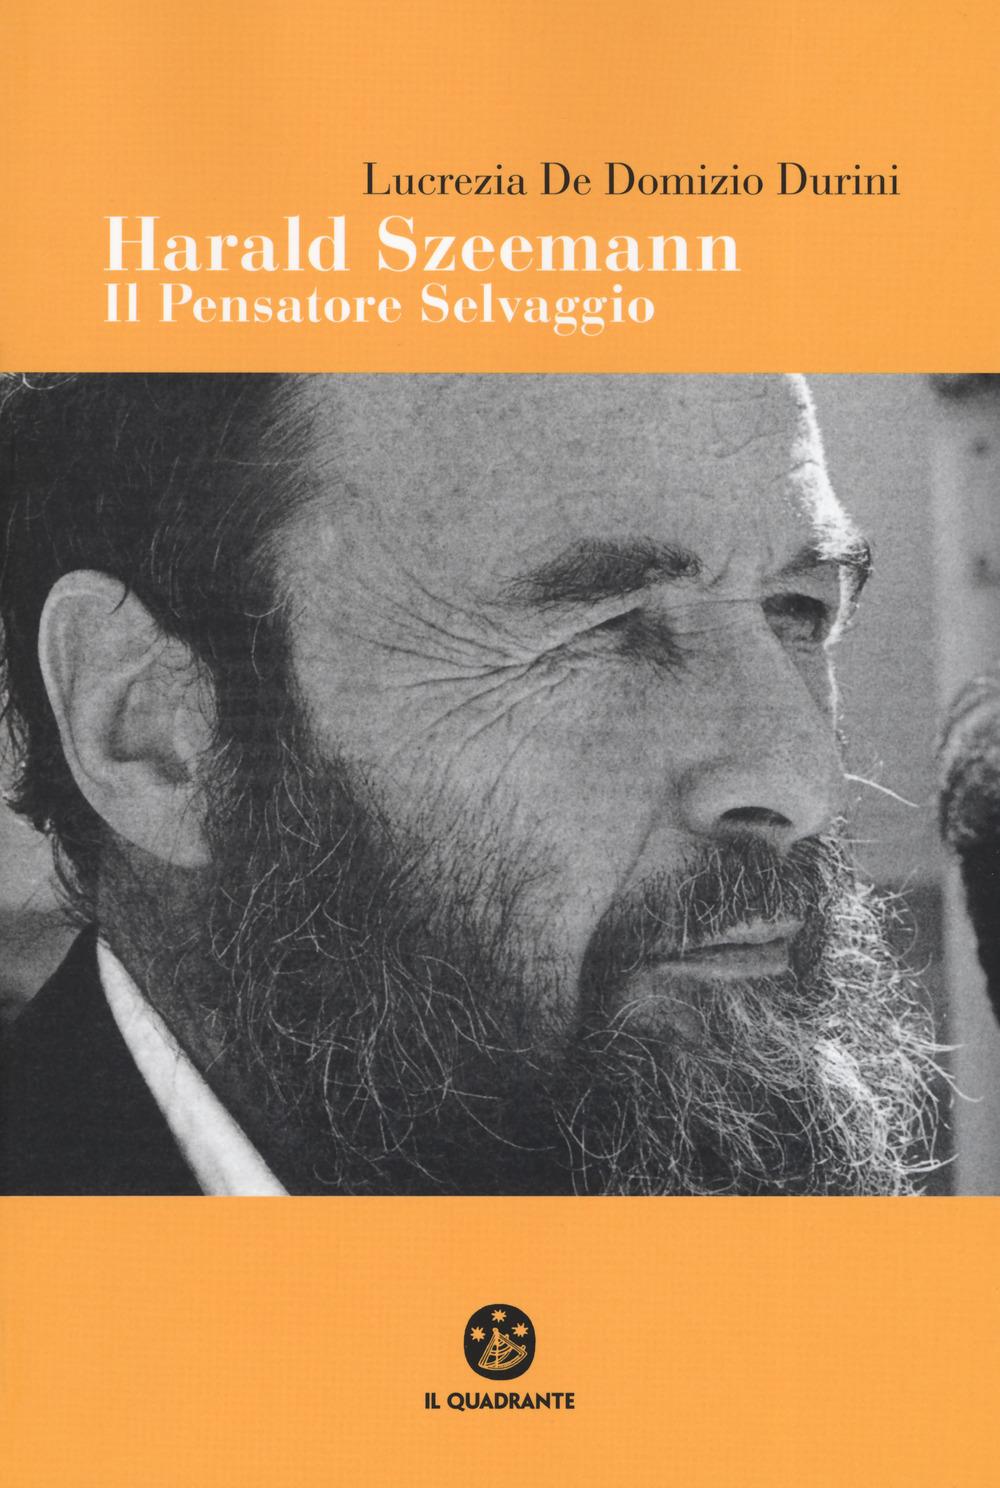 HARALD SZEEMANN  IL PENSATORE SELVAGGIO - LUCREZIA DE DOMIZIO DURINI - 9788838101304